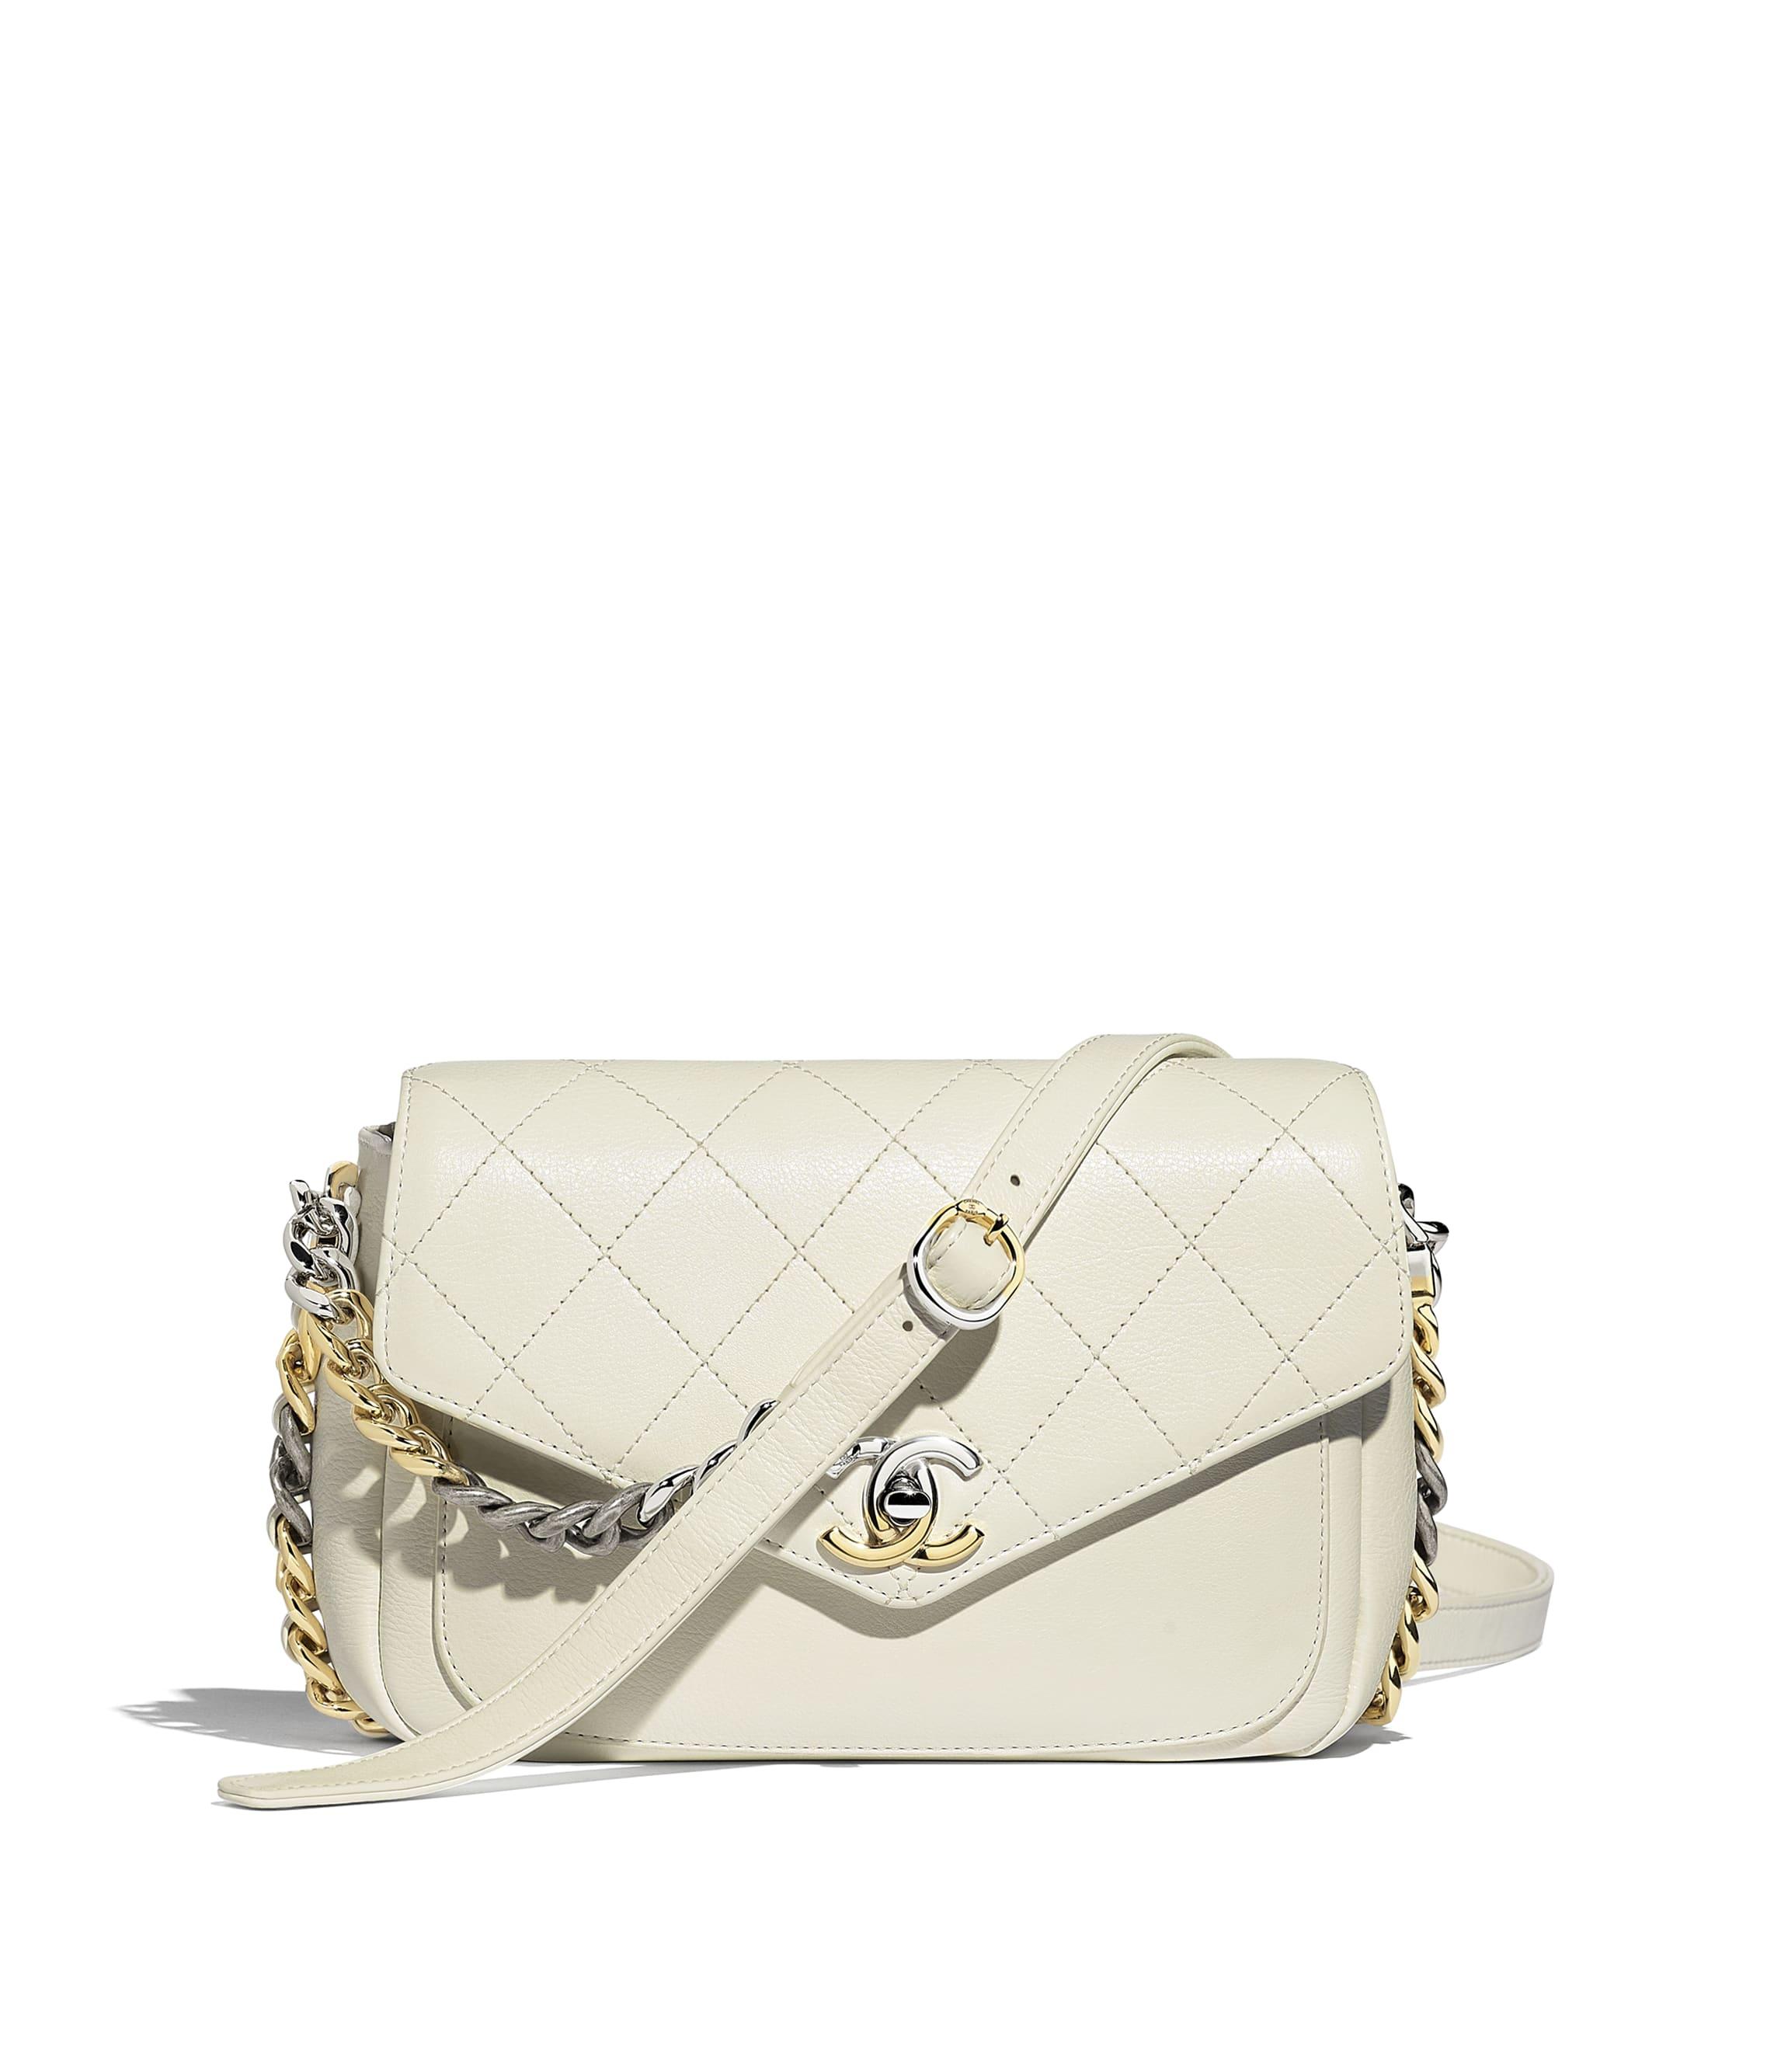 27aa253489f Flap Bag